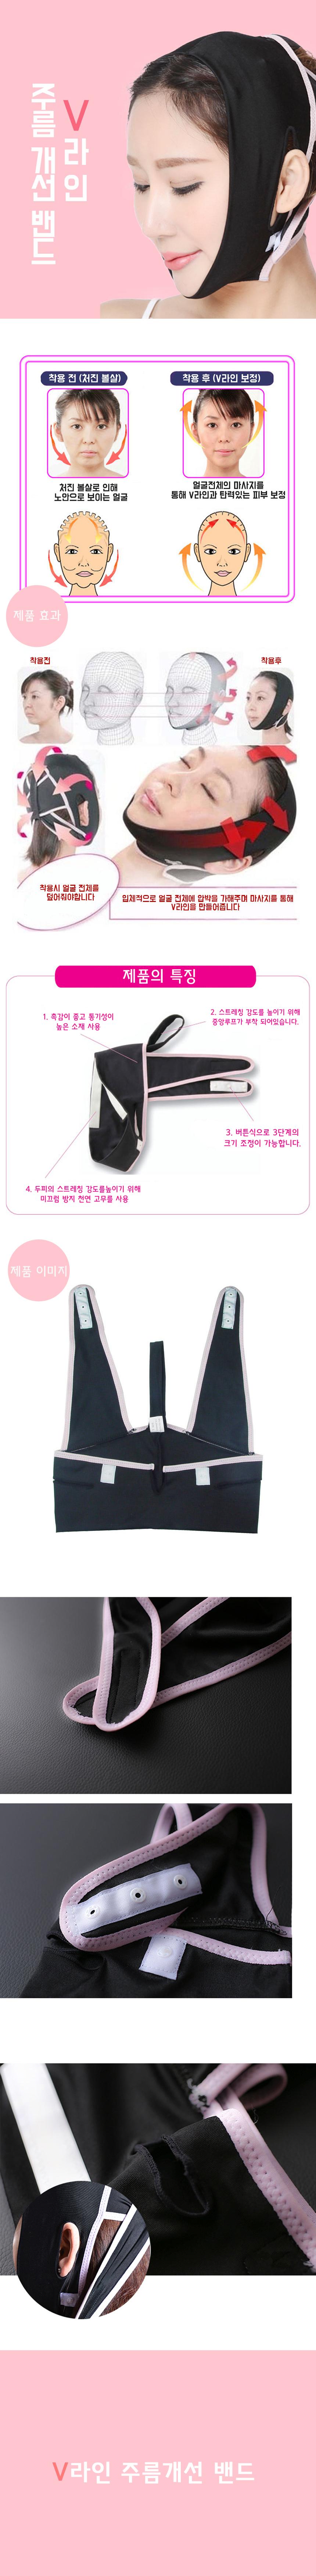 V라인 리프팅 주름개선밴드 - 겔럭시인, 15,500원, 운동기구/소품, 운동소품